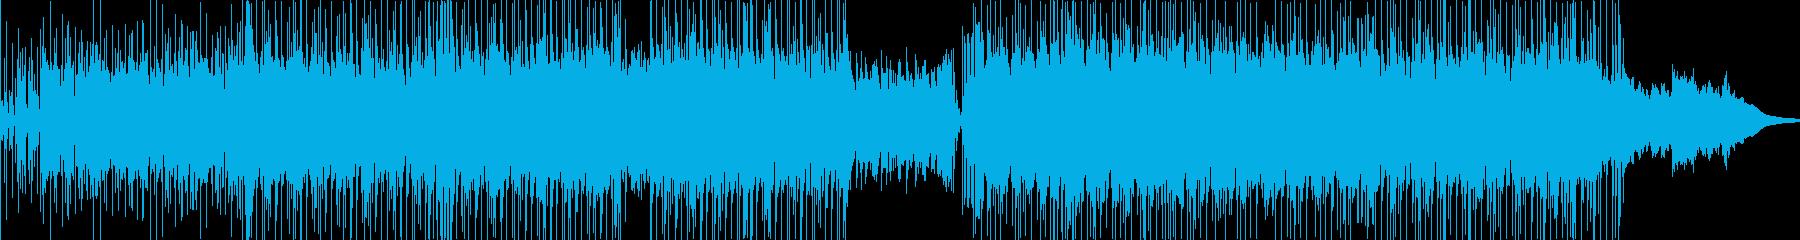 ヘヴィロック アクション 技術的な...の再生済みの波形